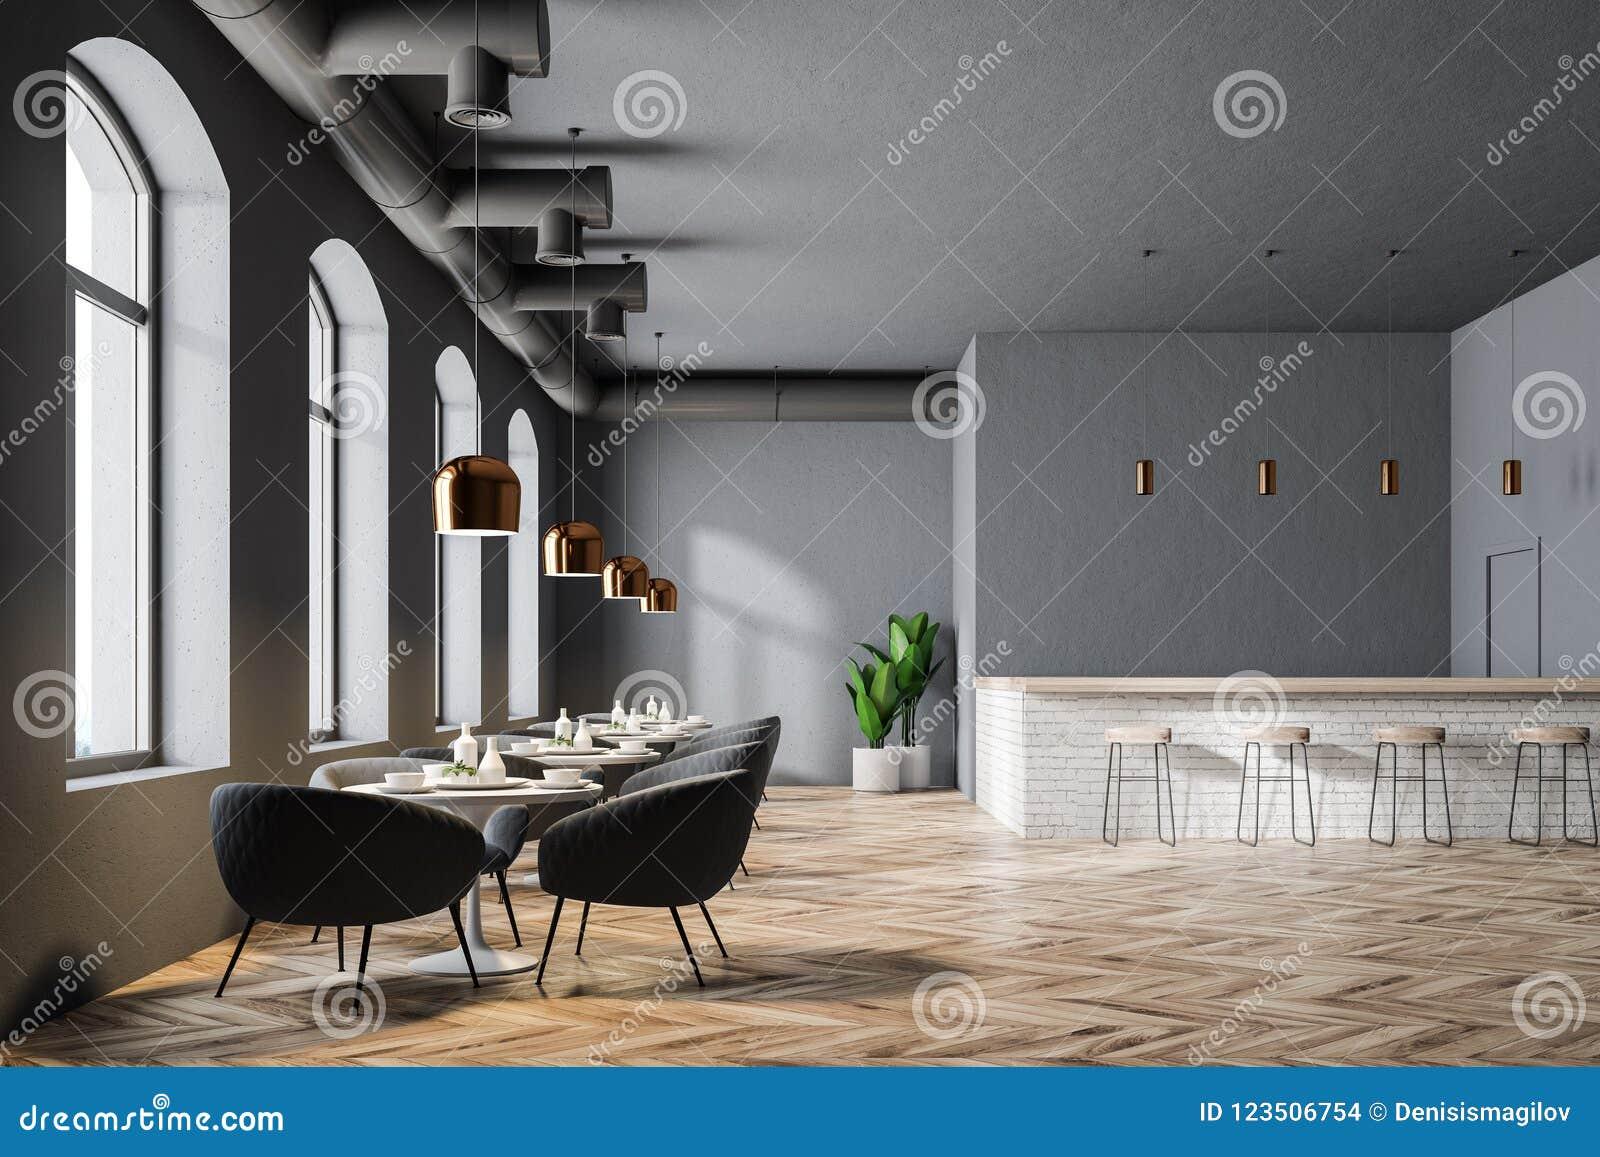 9ca801164833 Interior moderno del restaurante con las paredes grises, las ventanas  grandes, un piso de madera y las mesas redondas con las butacas Una barra  con los ...